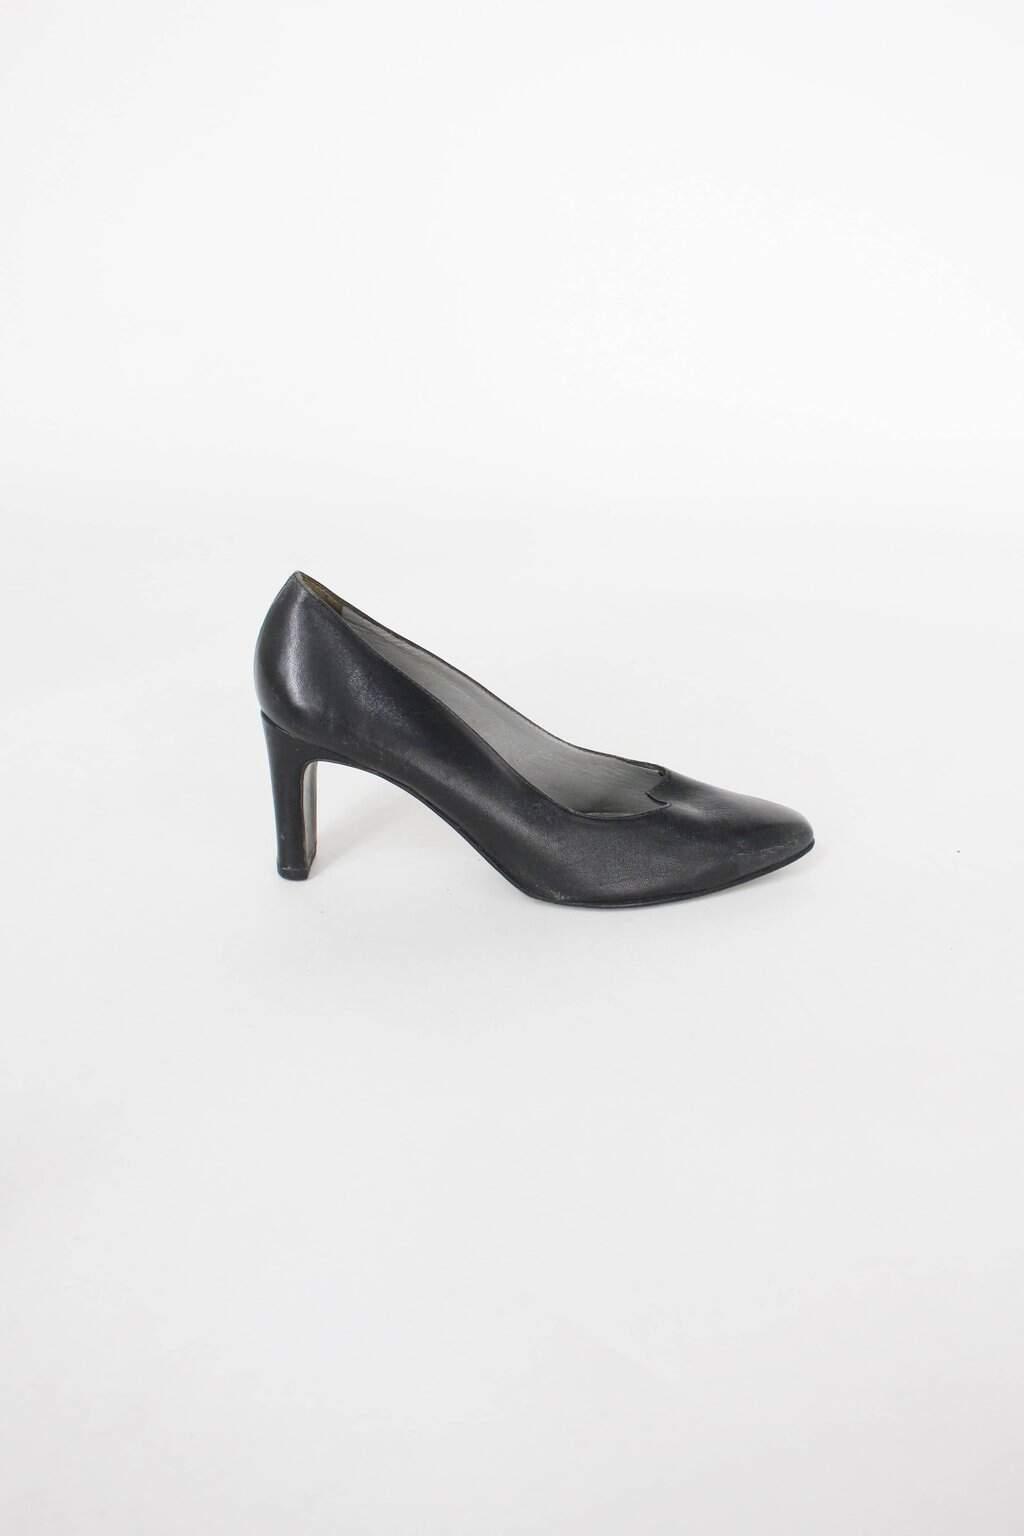 Sapato claudina feminino preto